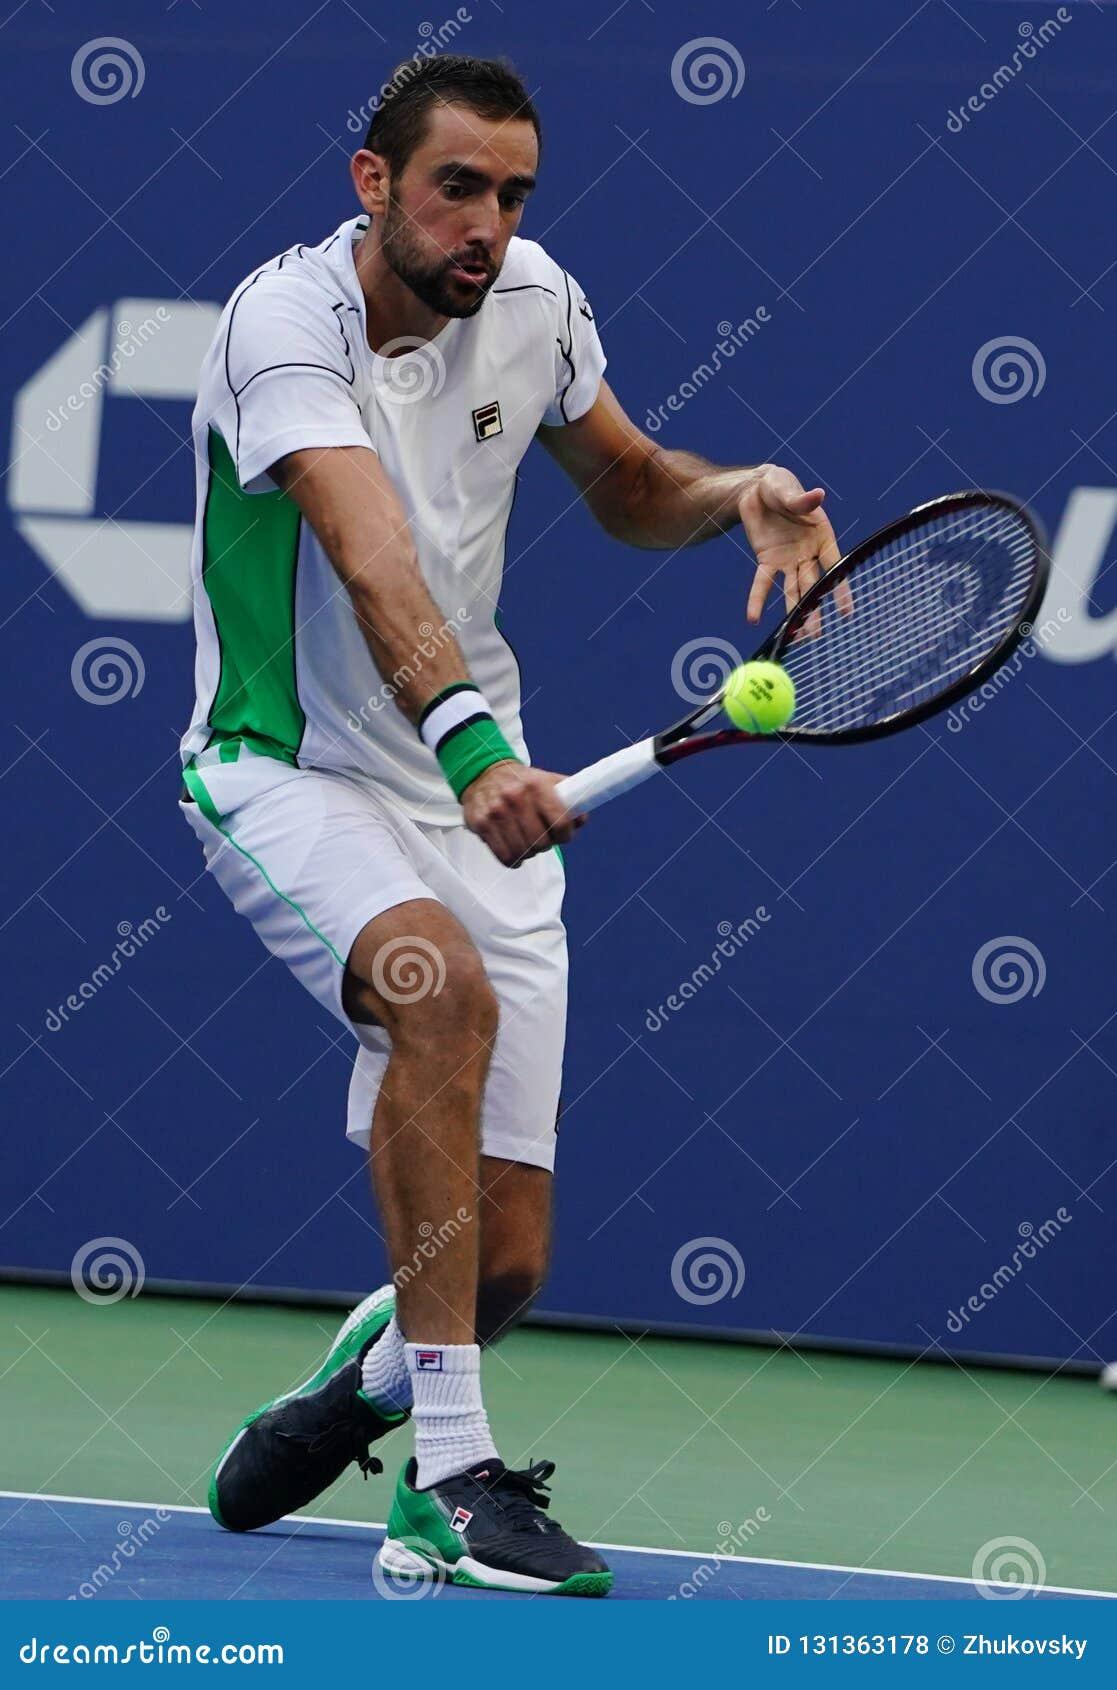 Grand Slam-Meister Marin Cilic von Kroatien in der Aktion während seiner US Open-Runde 2018 von Match 16